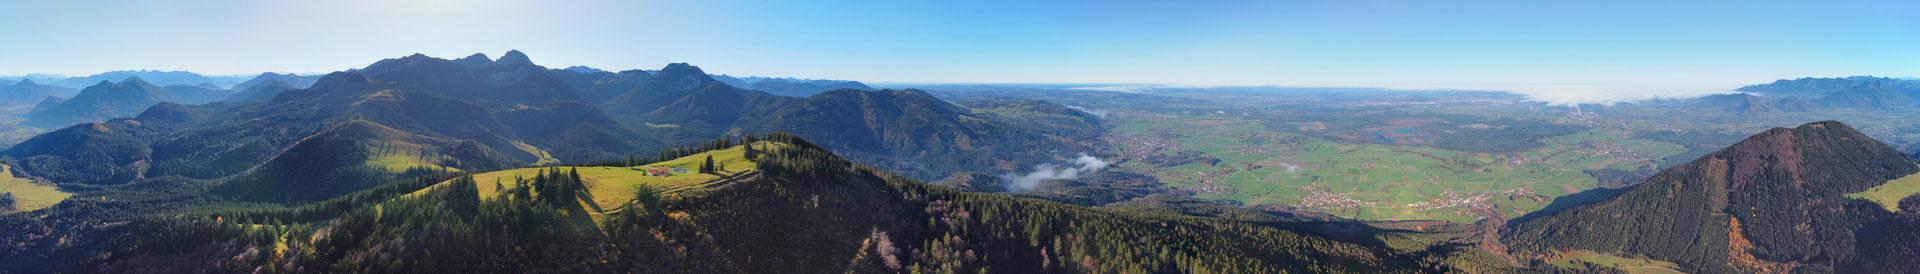 Panorama, Drohnenfoto, Luftaufnahme, Landschaft - Chiemgau - Farrenpoint Gipfel